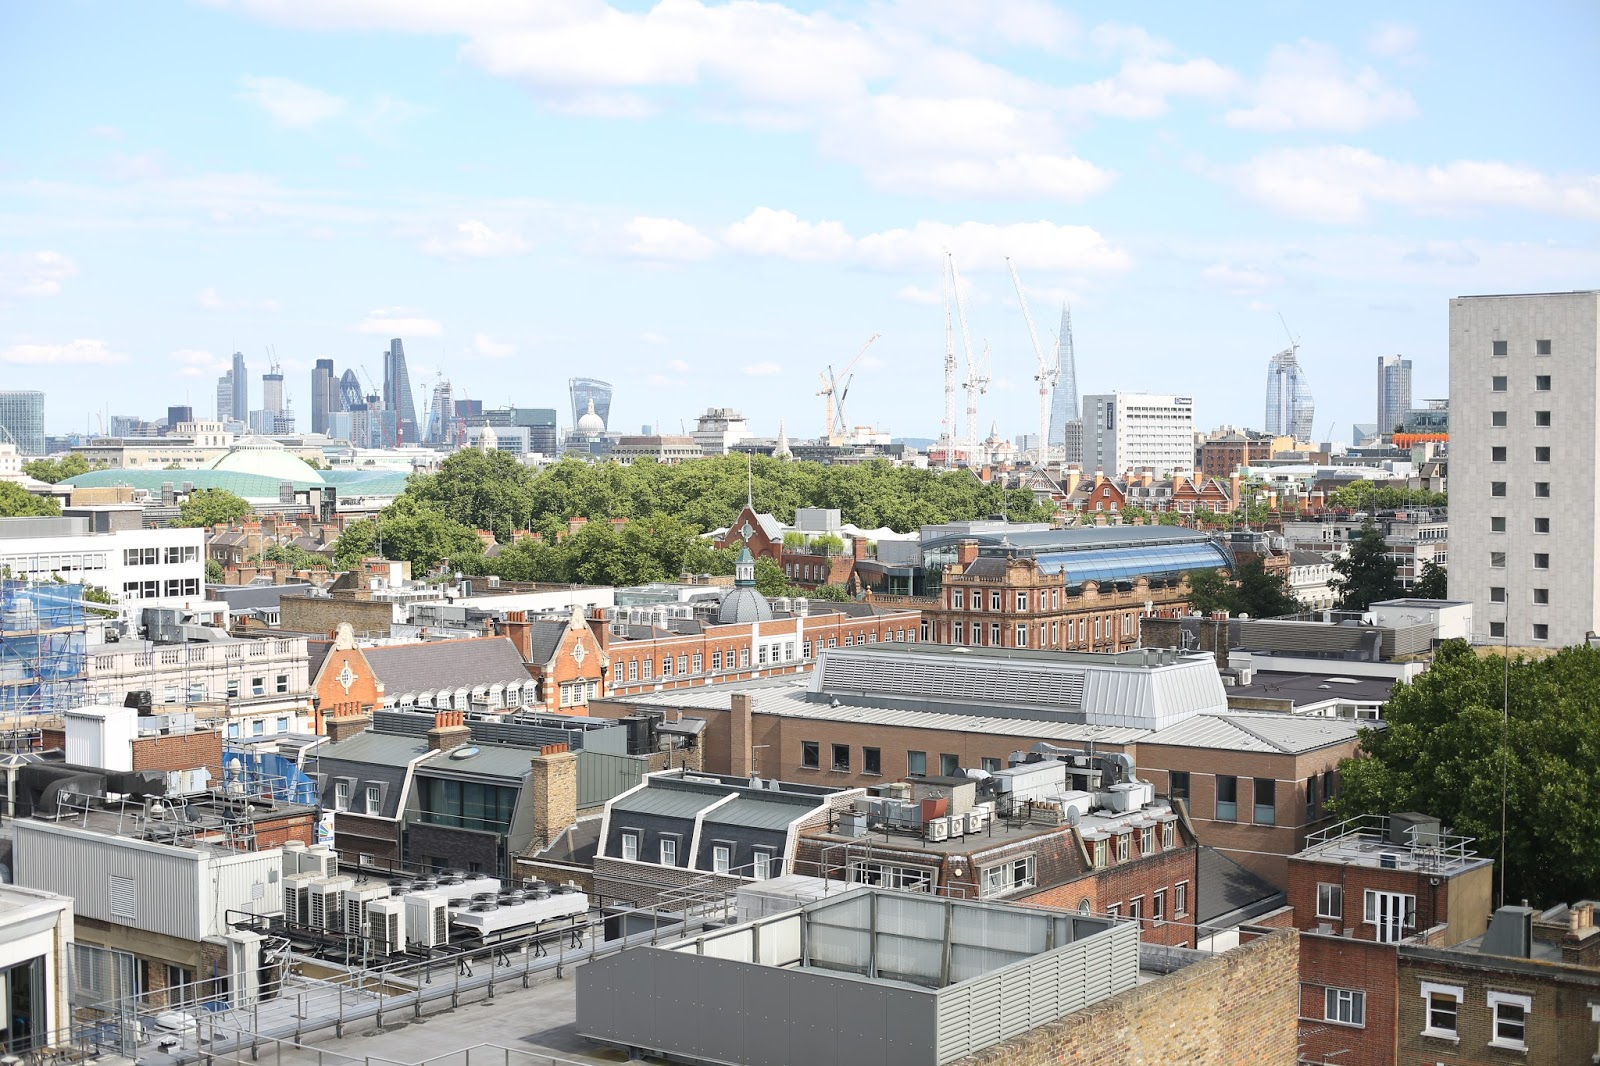 London panoramic views